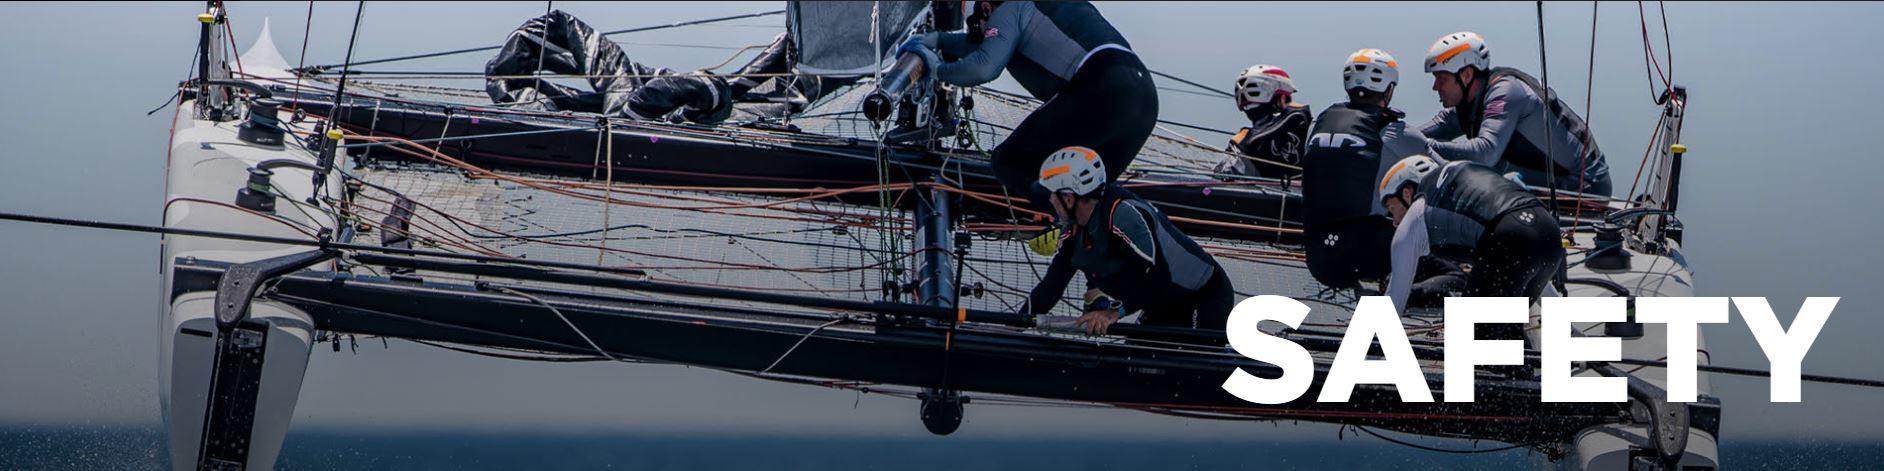 ביגוד אימפקט -   North Wind sea sports